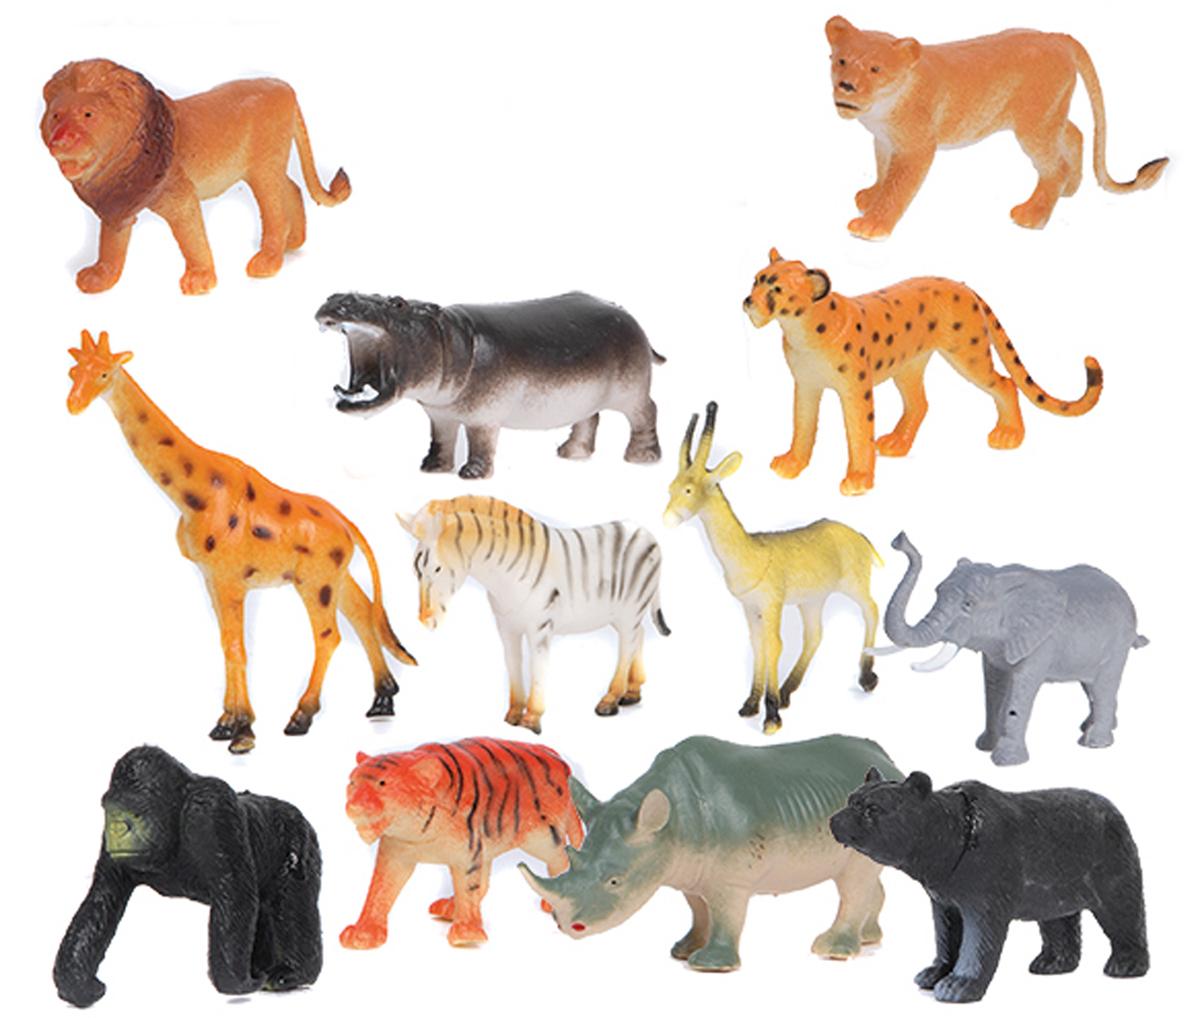 технически картинки игрушками животными год для тихой